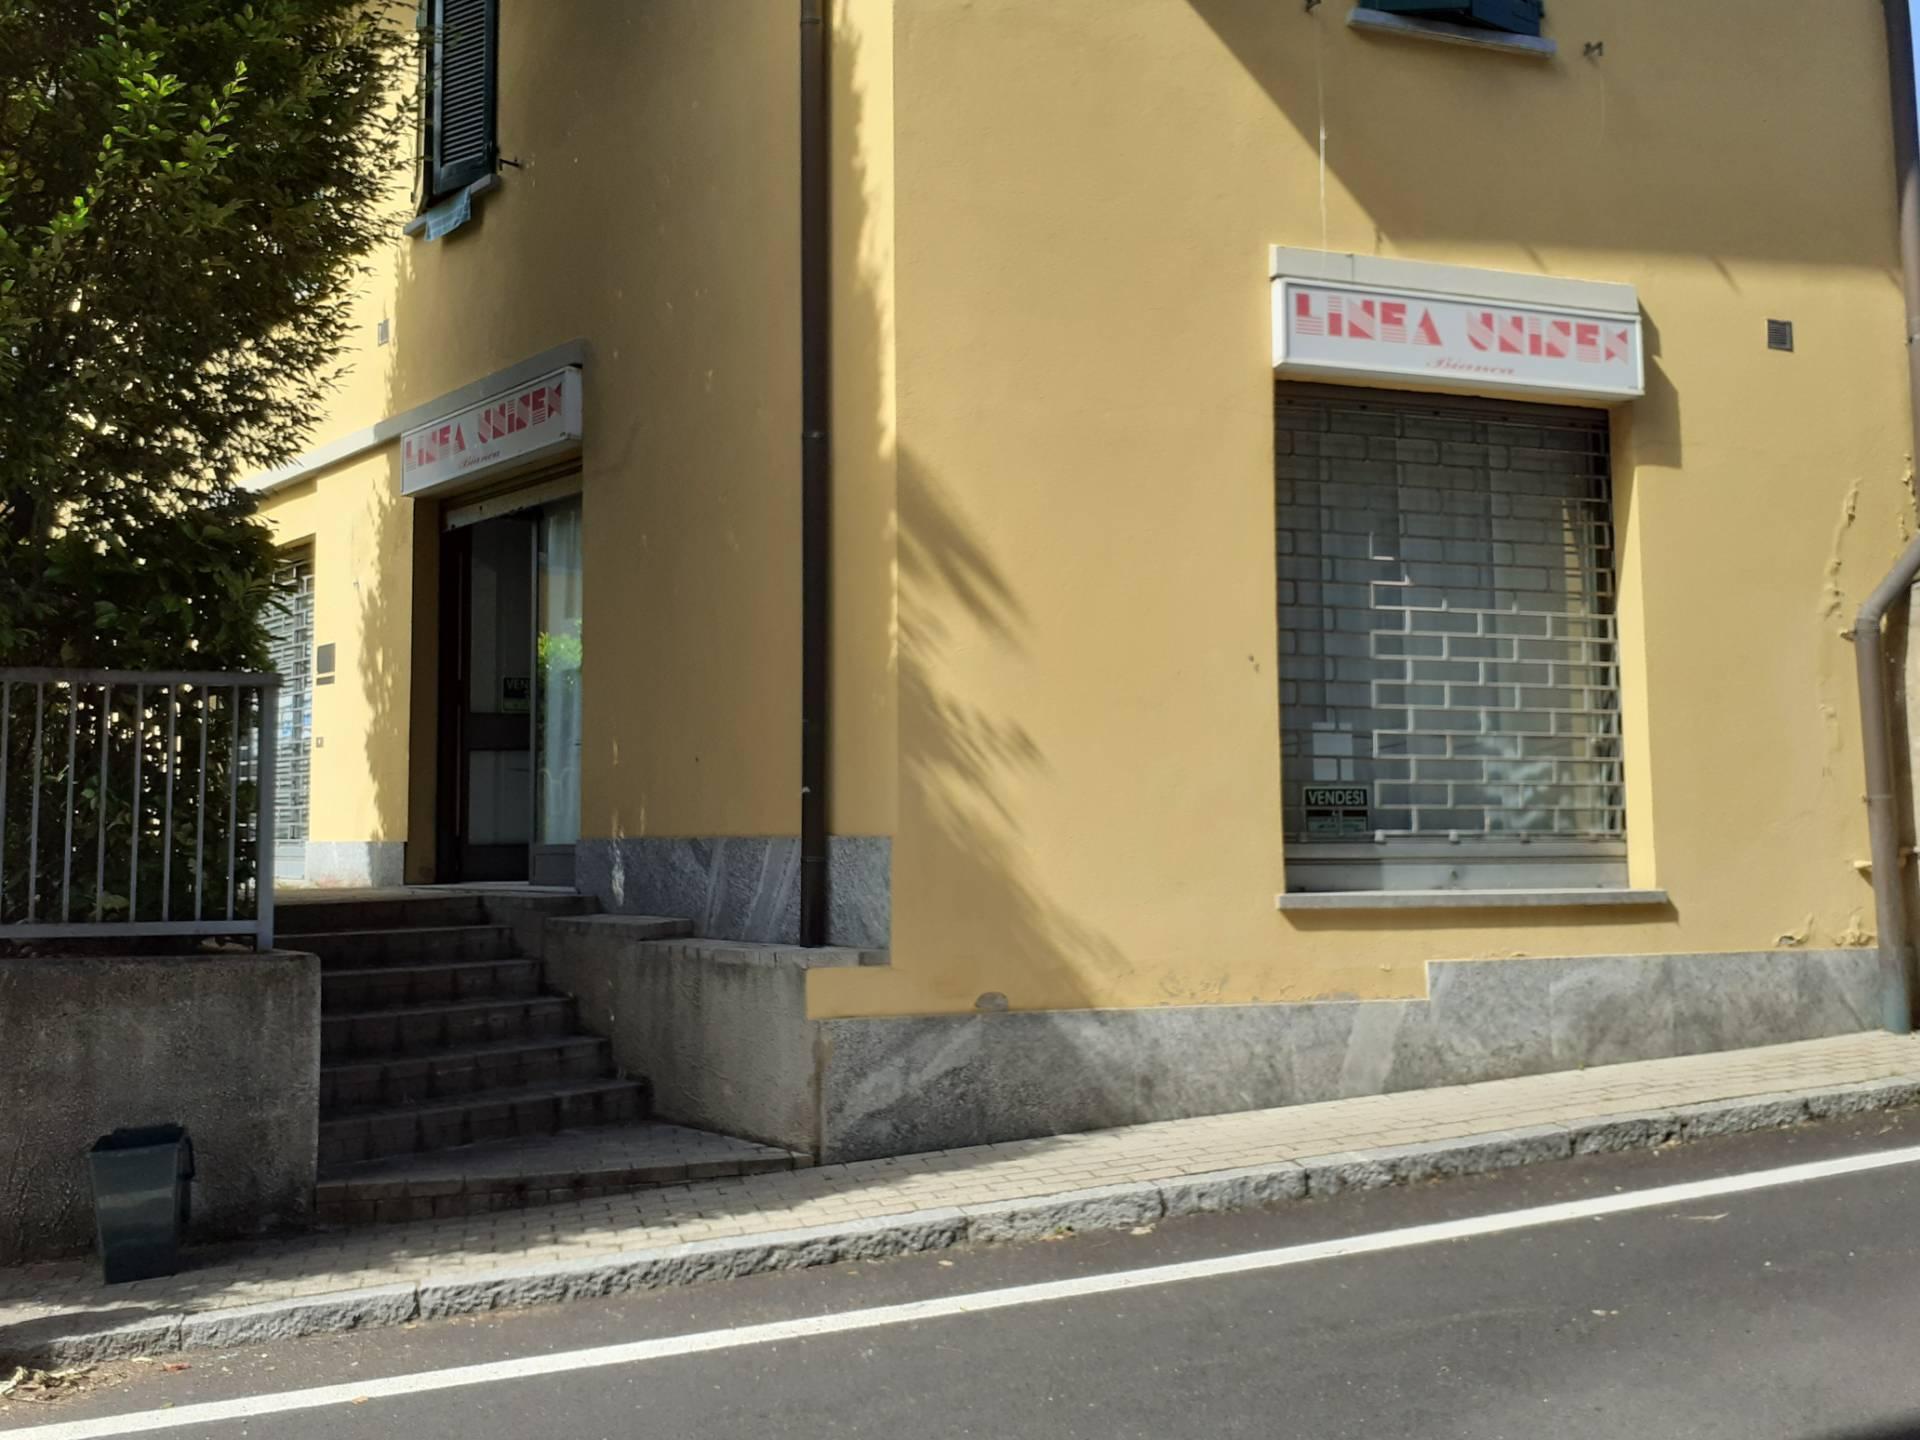 Negozio / Locale in vendita a Bizzarone, 9999 locali, prezzo € 35.000 | PortaleAgenzieImmobiliari.it